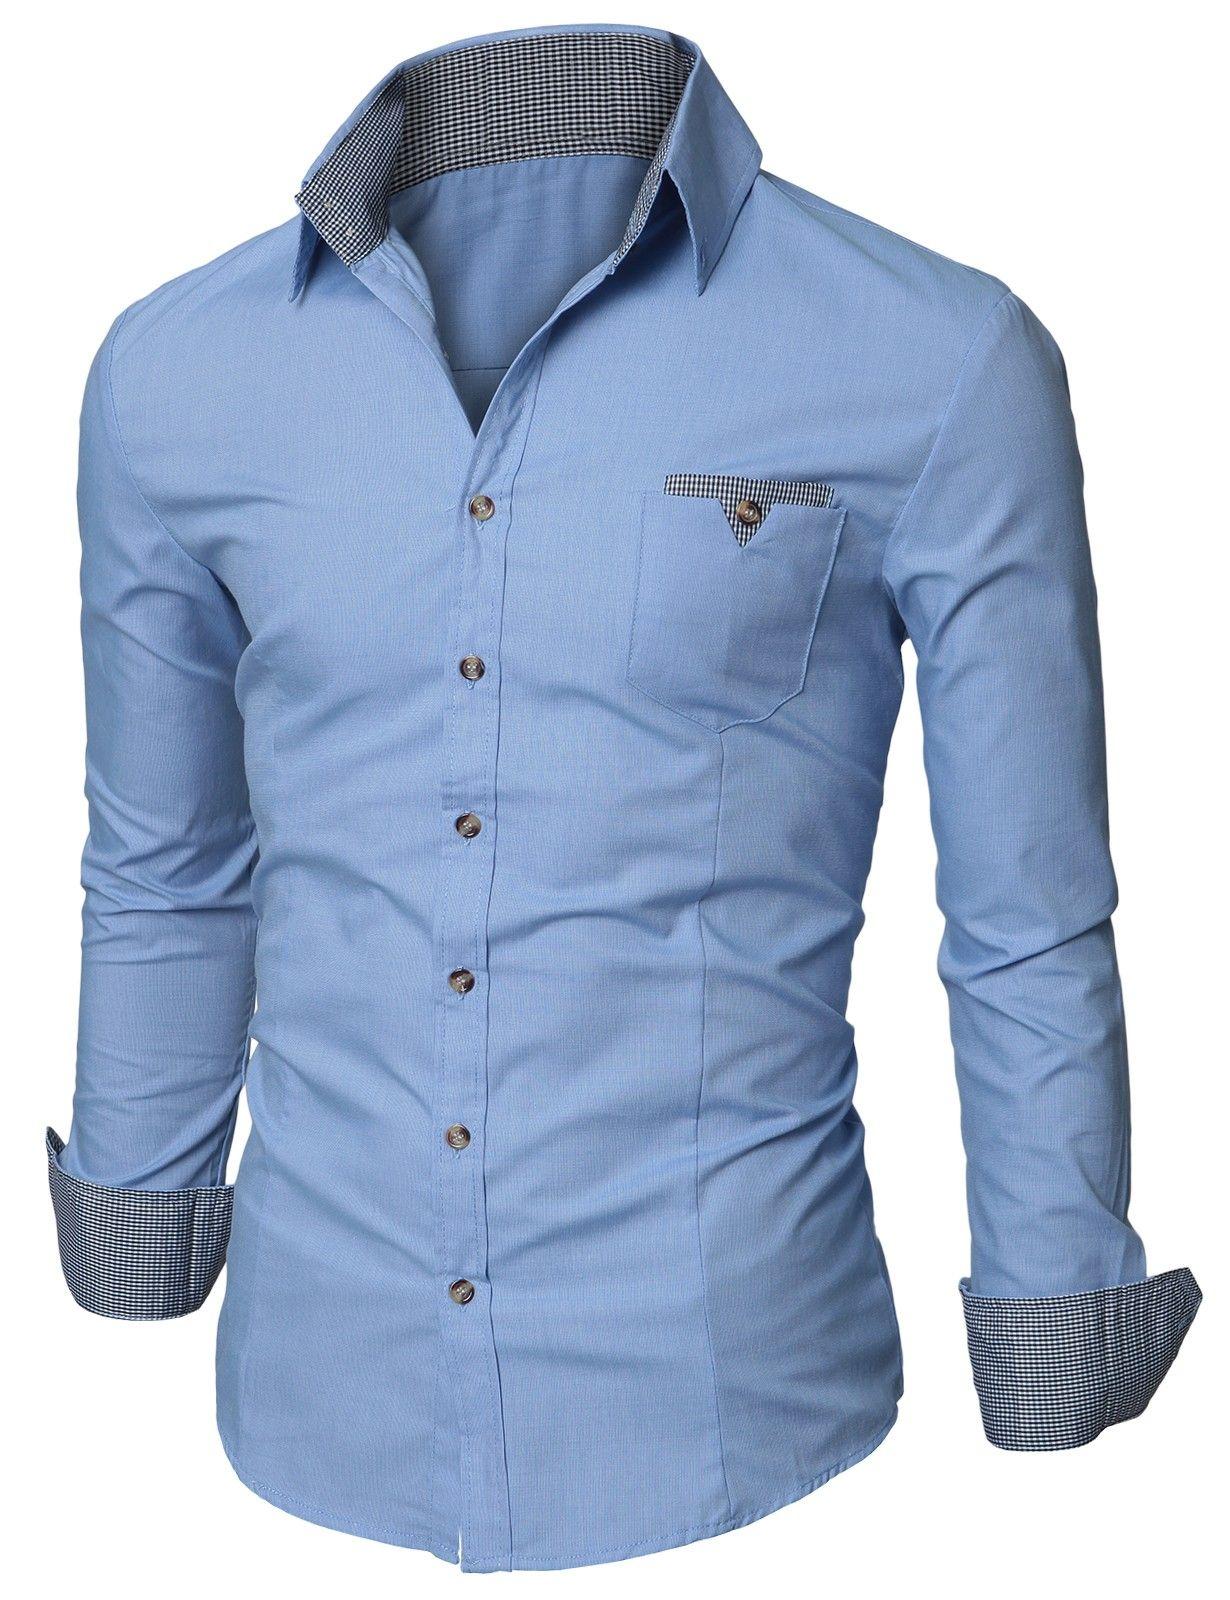 Top dress shirt styles